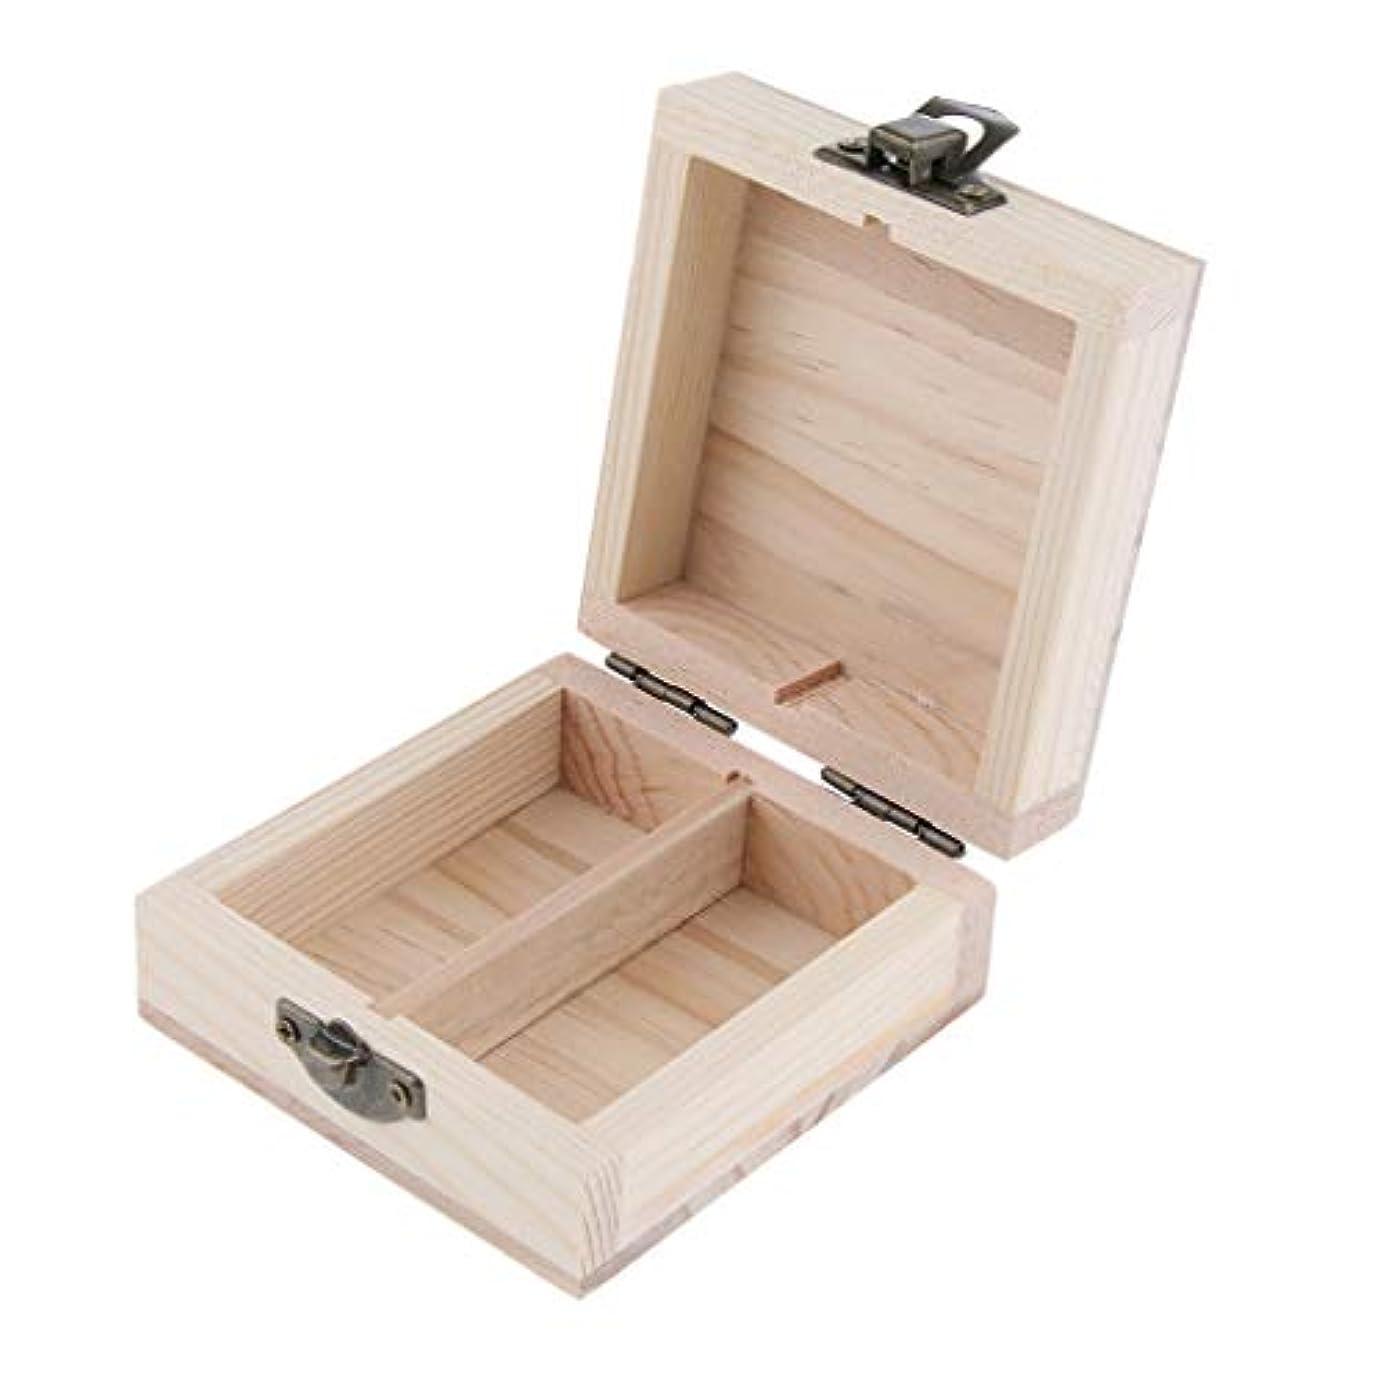 落ちたやむを得ない汚染するBaoblaze エッセンシャルオイルケース アロマケース 木製 2本入れ 展示用 15ミリボトル